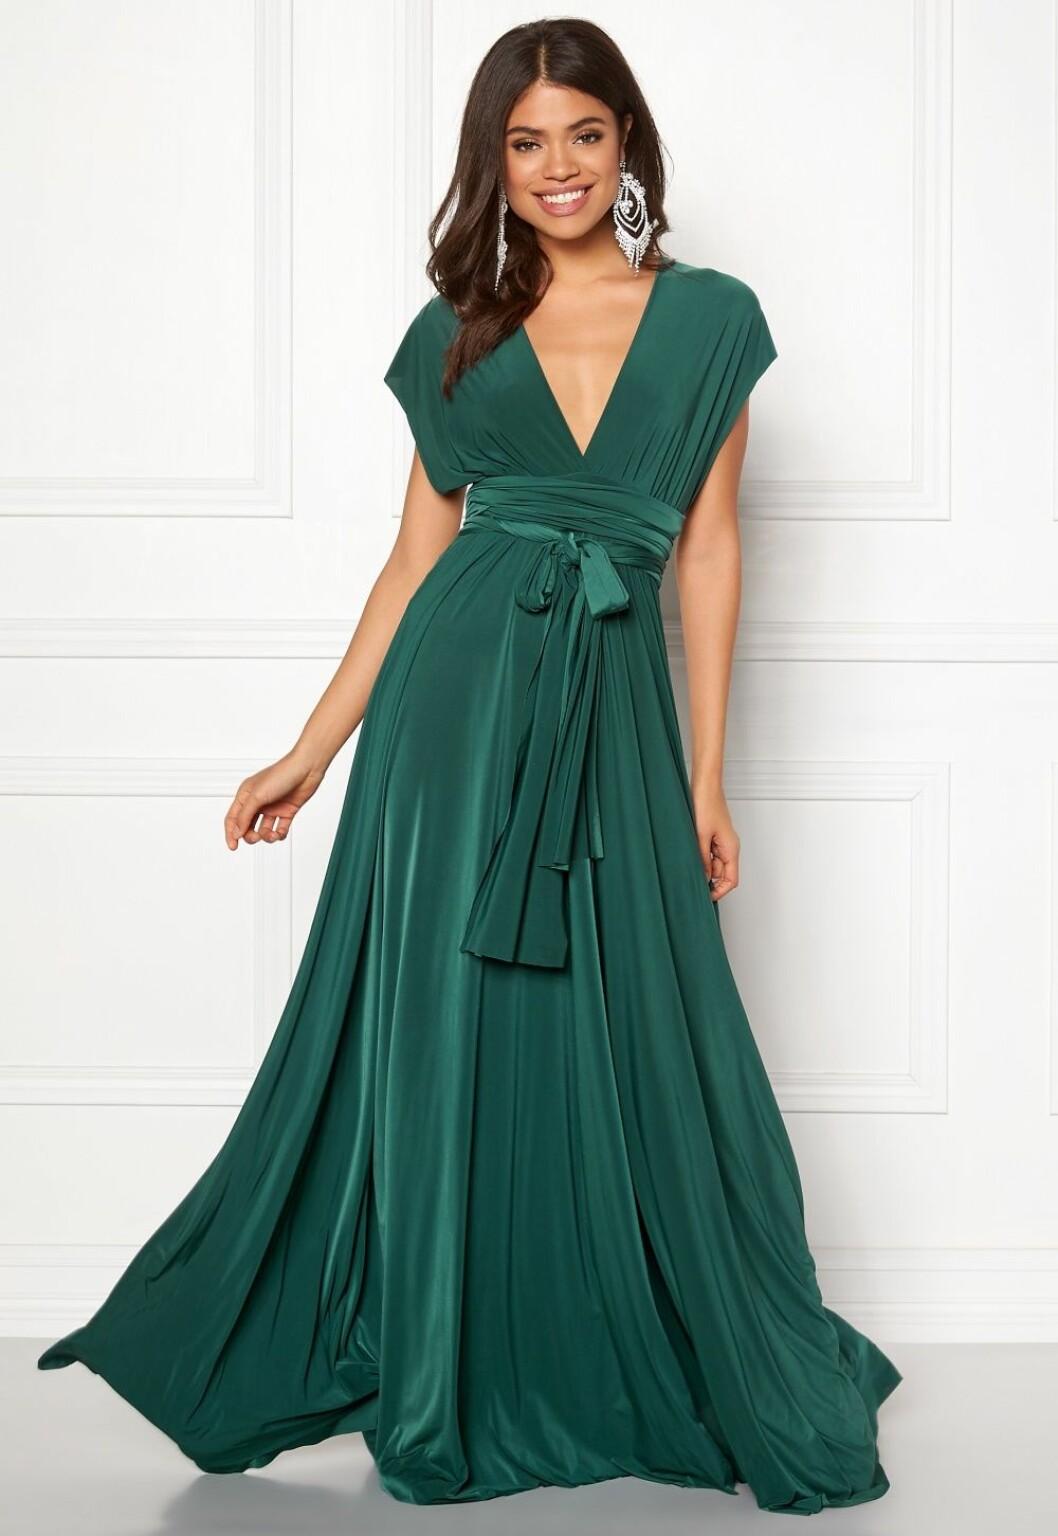 Grön balklänning till balen 2019